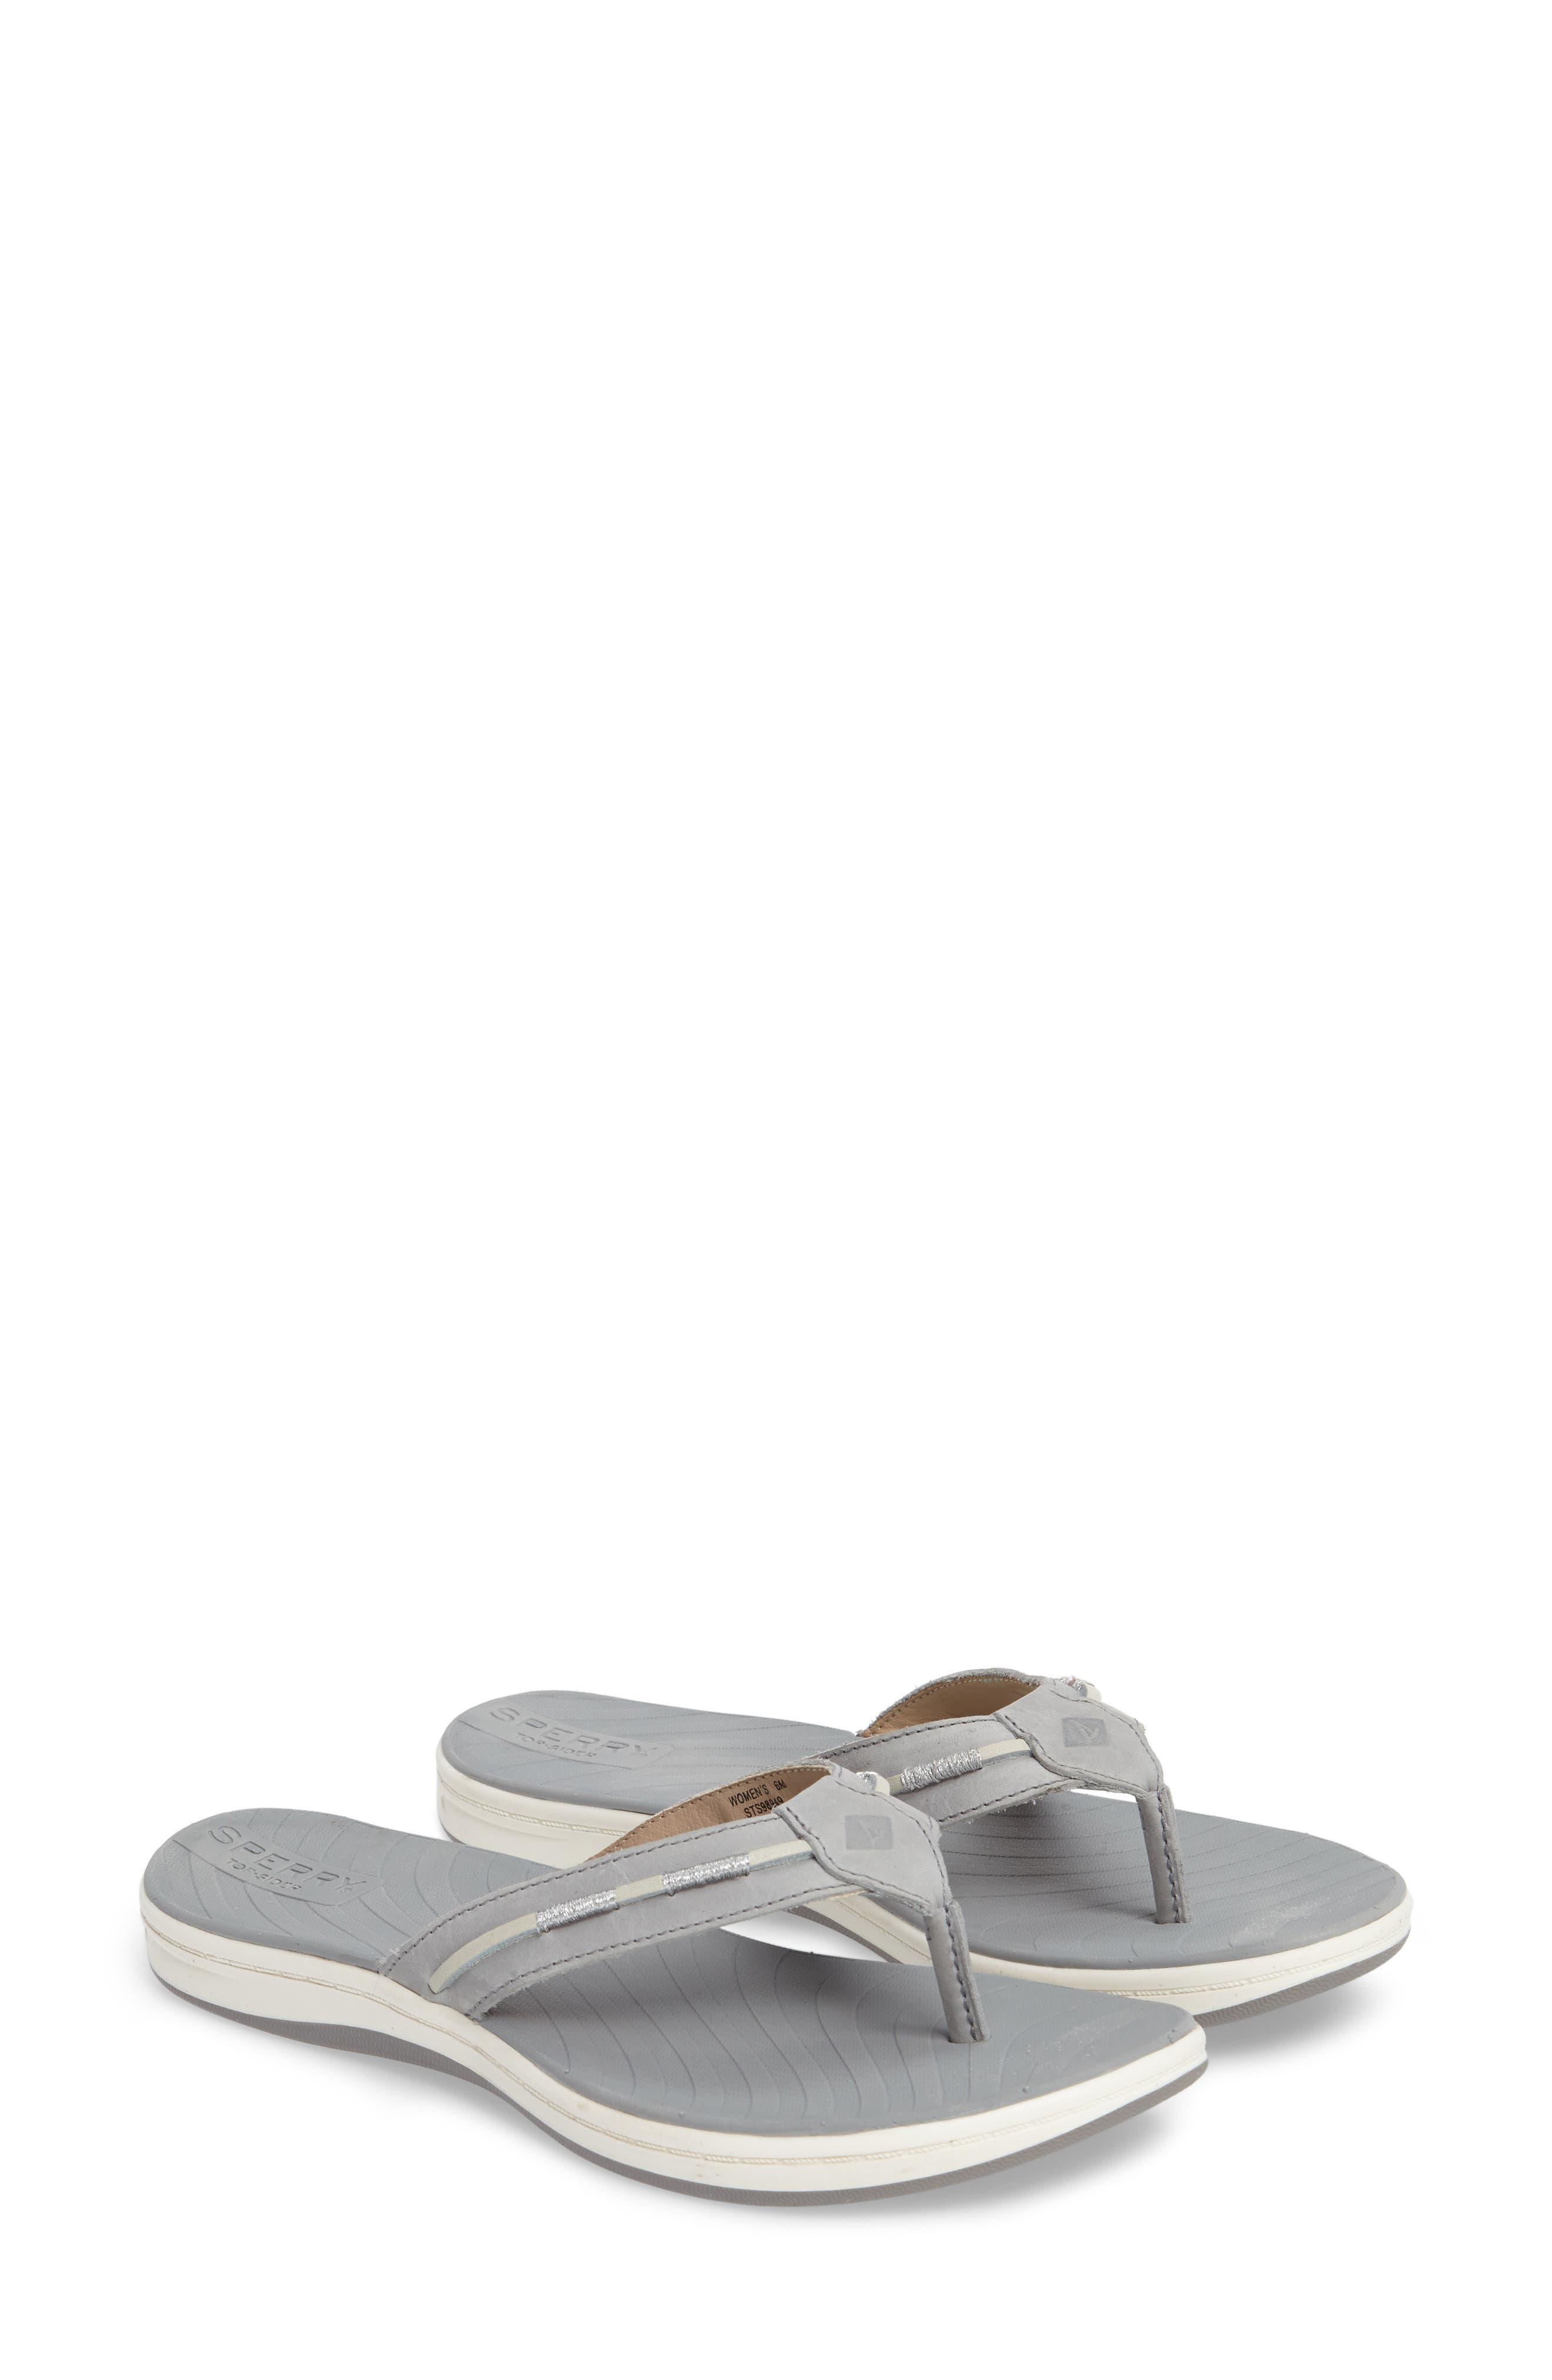 Sperry 'Seabrook Surf' Slip On Sandal (Women)